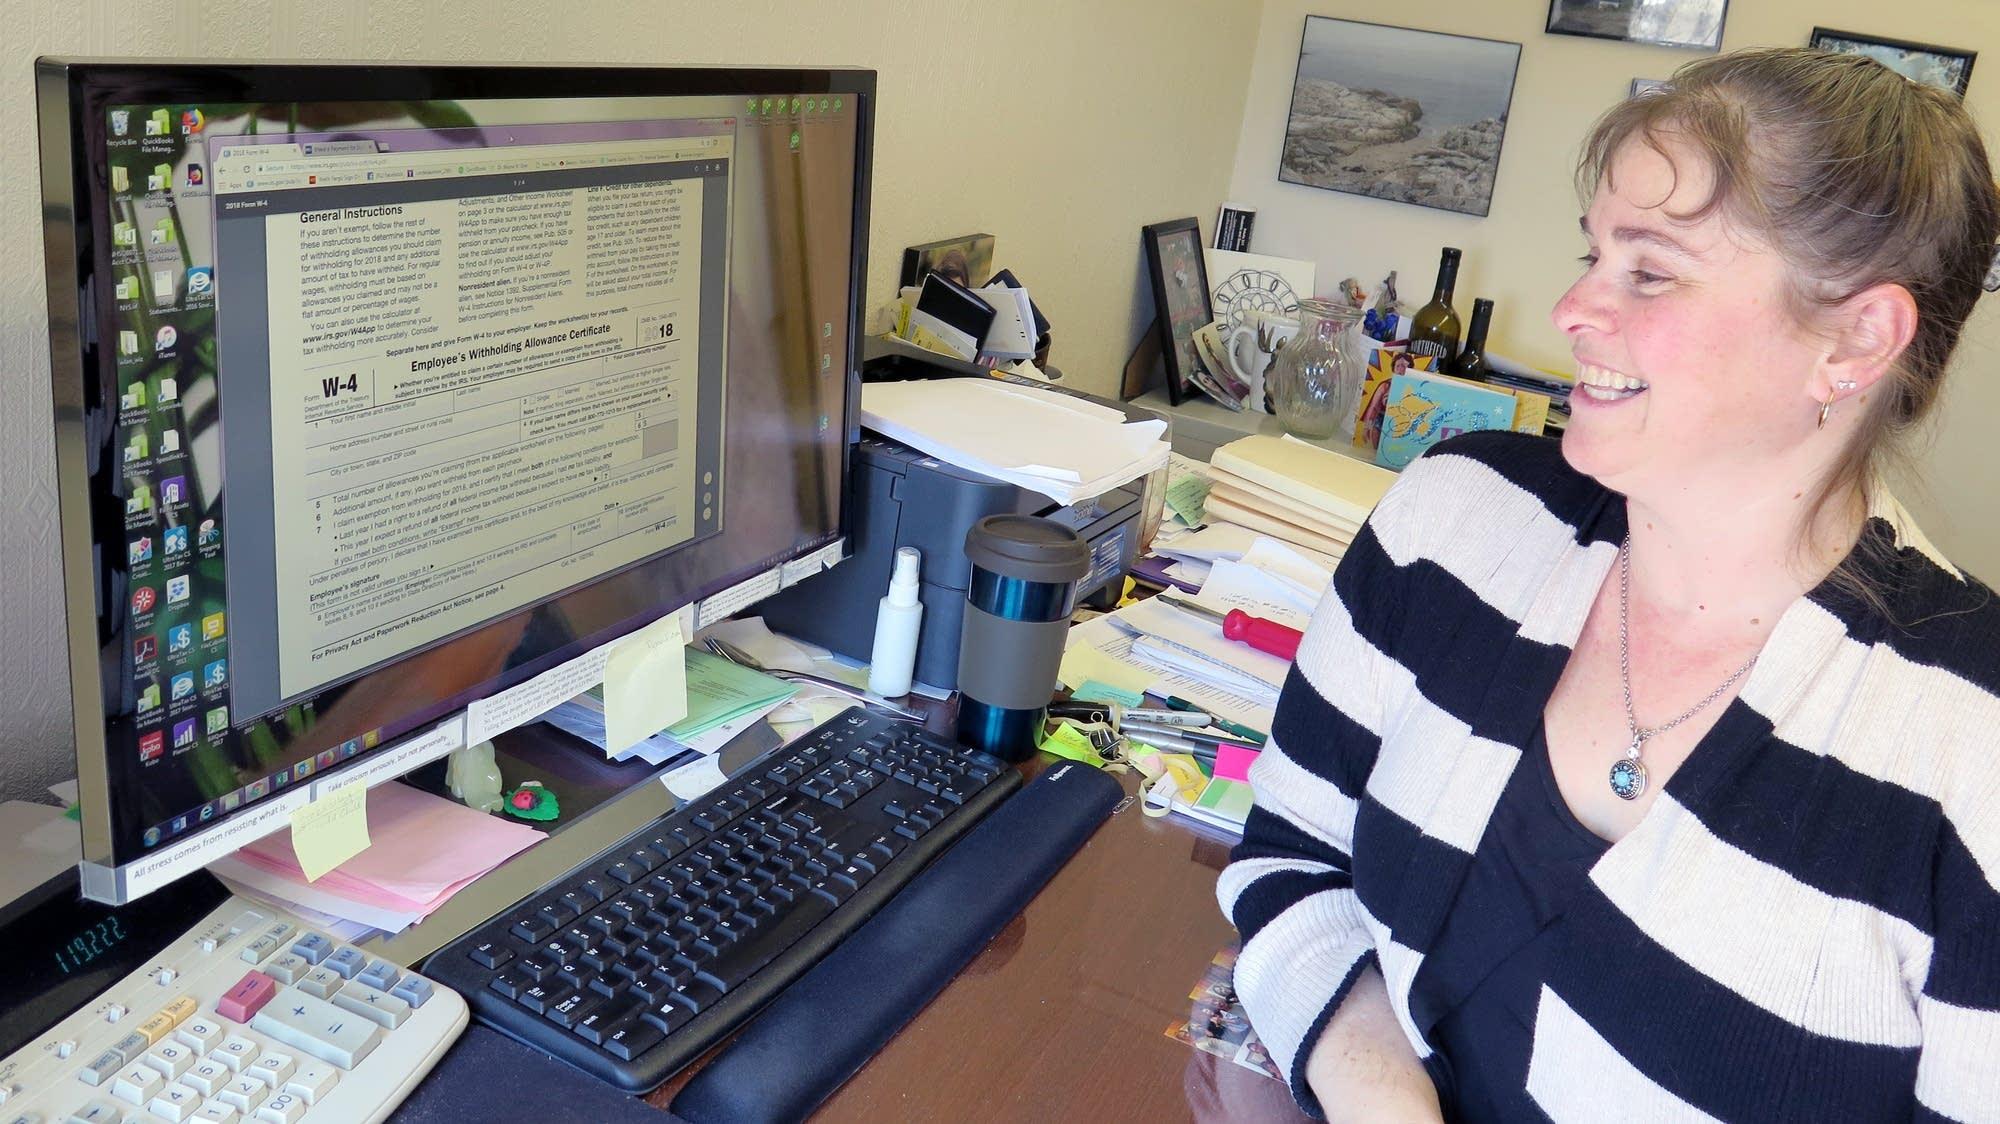 Northfield Certified Public Accountant Ann Etter